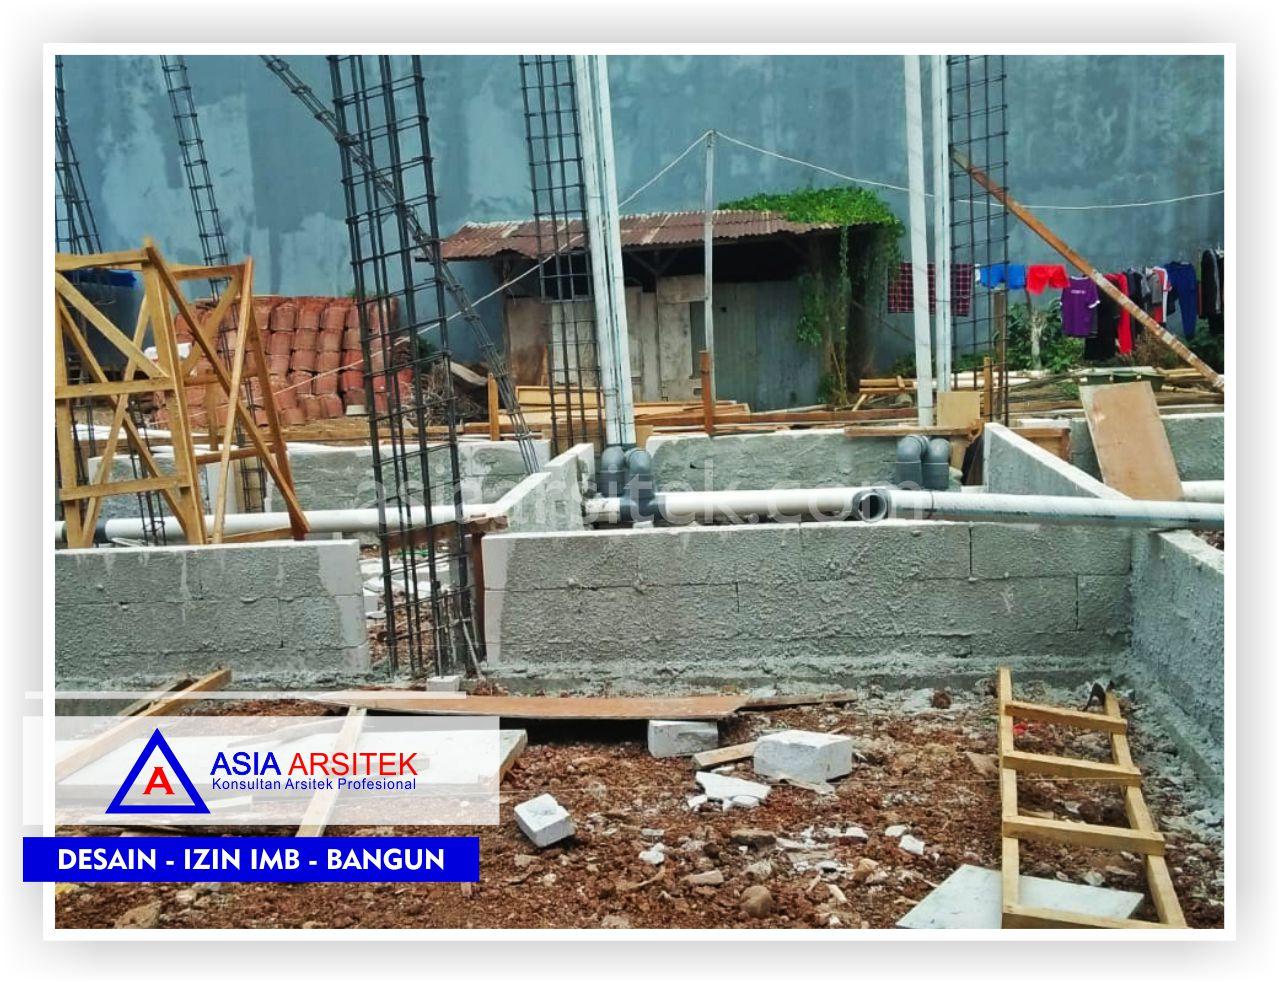 Struktur Kolom Rumah Minimalis Bu Alfi Di Jakarta-Bogor-Tangerang-Bekasi-Bandung-Jasa Konsultan Desain Arsitek Profesional - Desain Rumah Mewah - Arsitek Gambar Desain Rumah Klasik Mewah 2